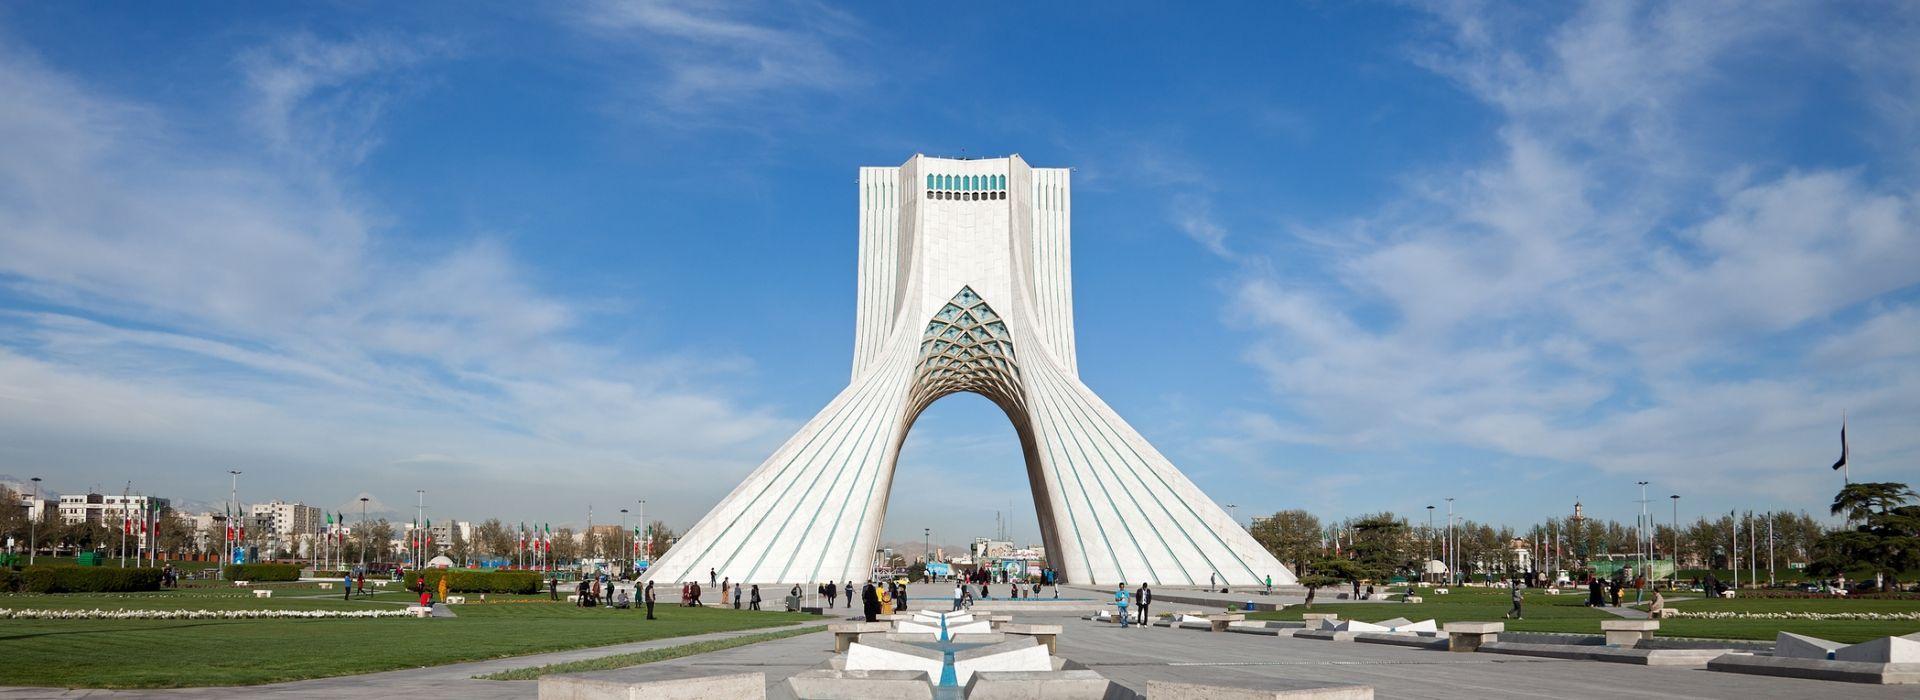 Natural landmarks sightseeing Tours in Yazd